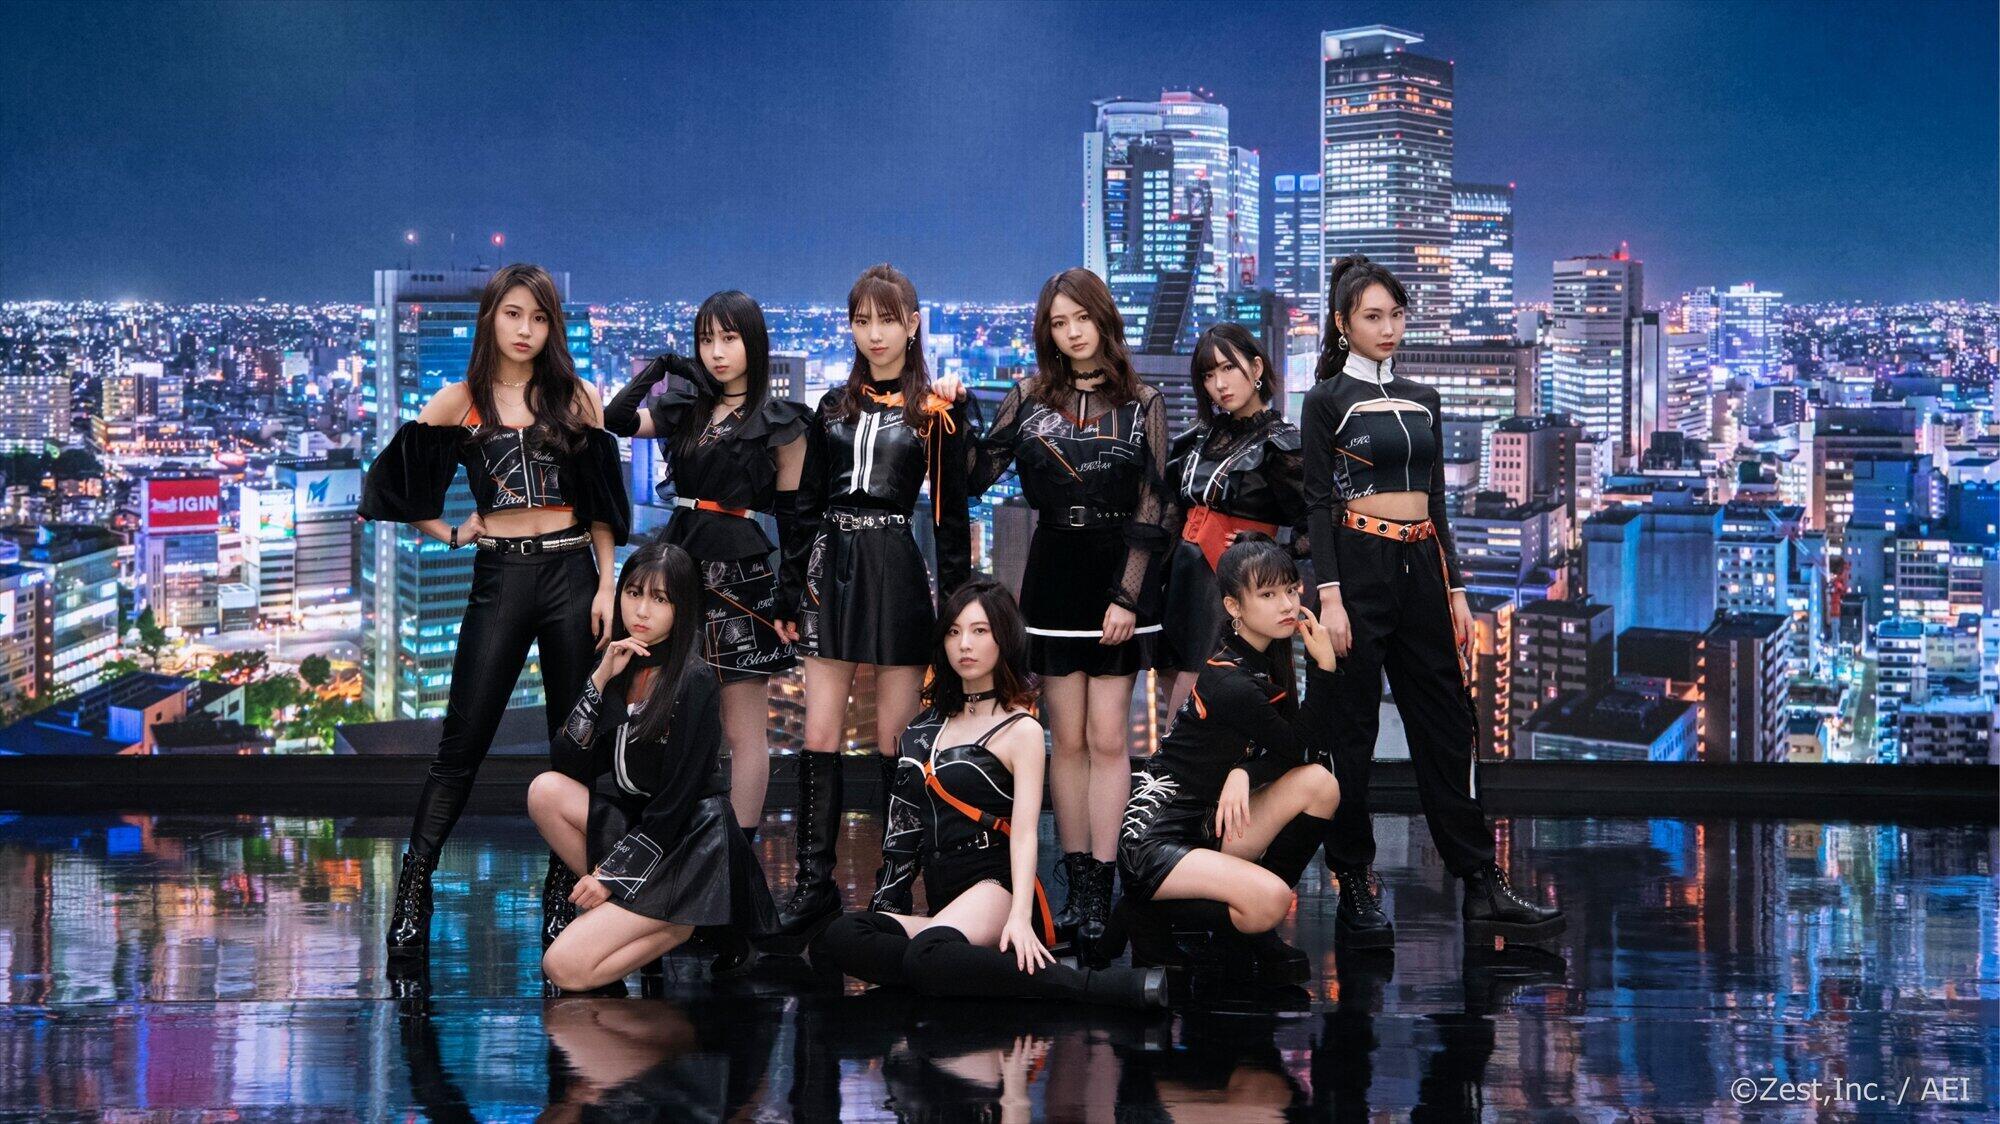 松井珠理奈さんがプロデュースした新ユニット「Black Pearl」(ブラックパール)。メンバーには、自分以外に「次の世代を託したい8人」を選んだ (c)Zest,Inc. / AEI